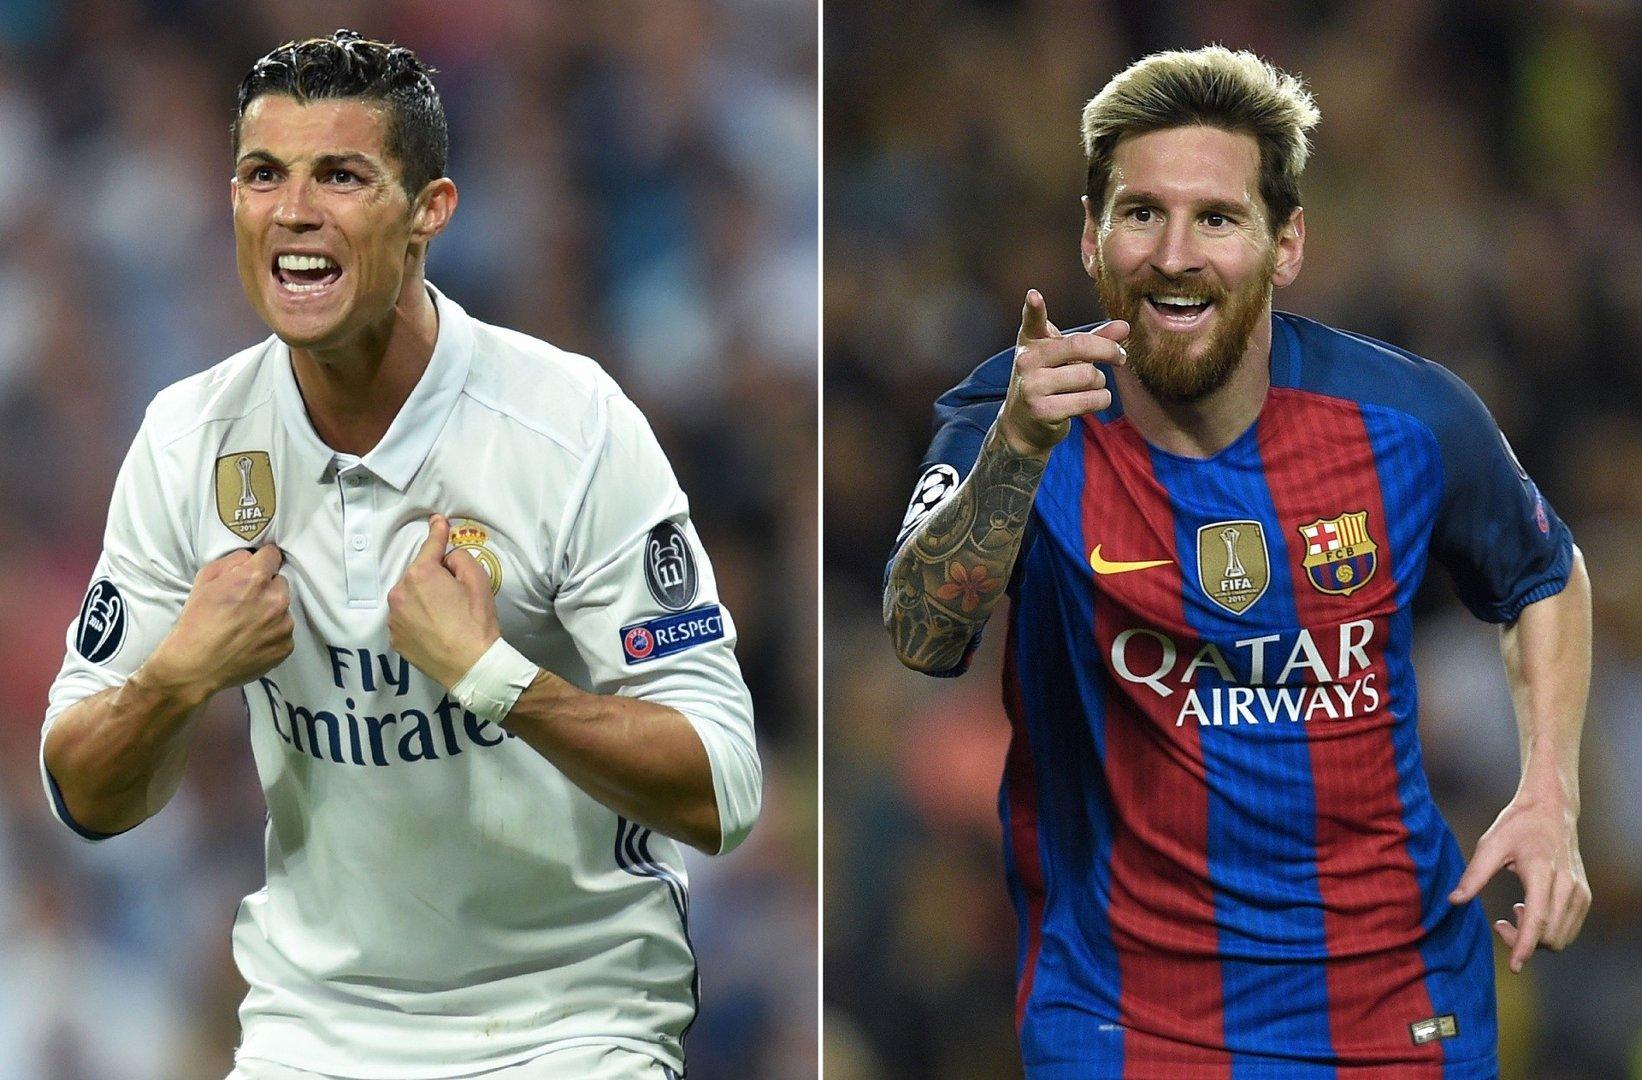 2cf5d2f23 Mecz Real Madryt - FC Barcelona ONLINE. Gdzie oglądać w telewizji?  TRANSMISJA NA ŻYWO